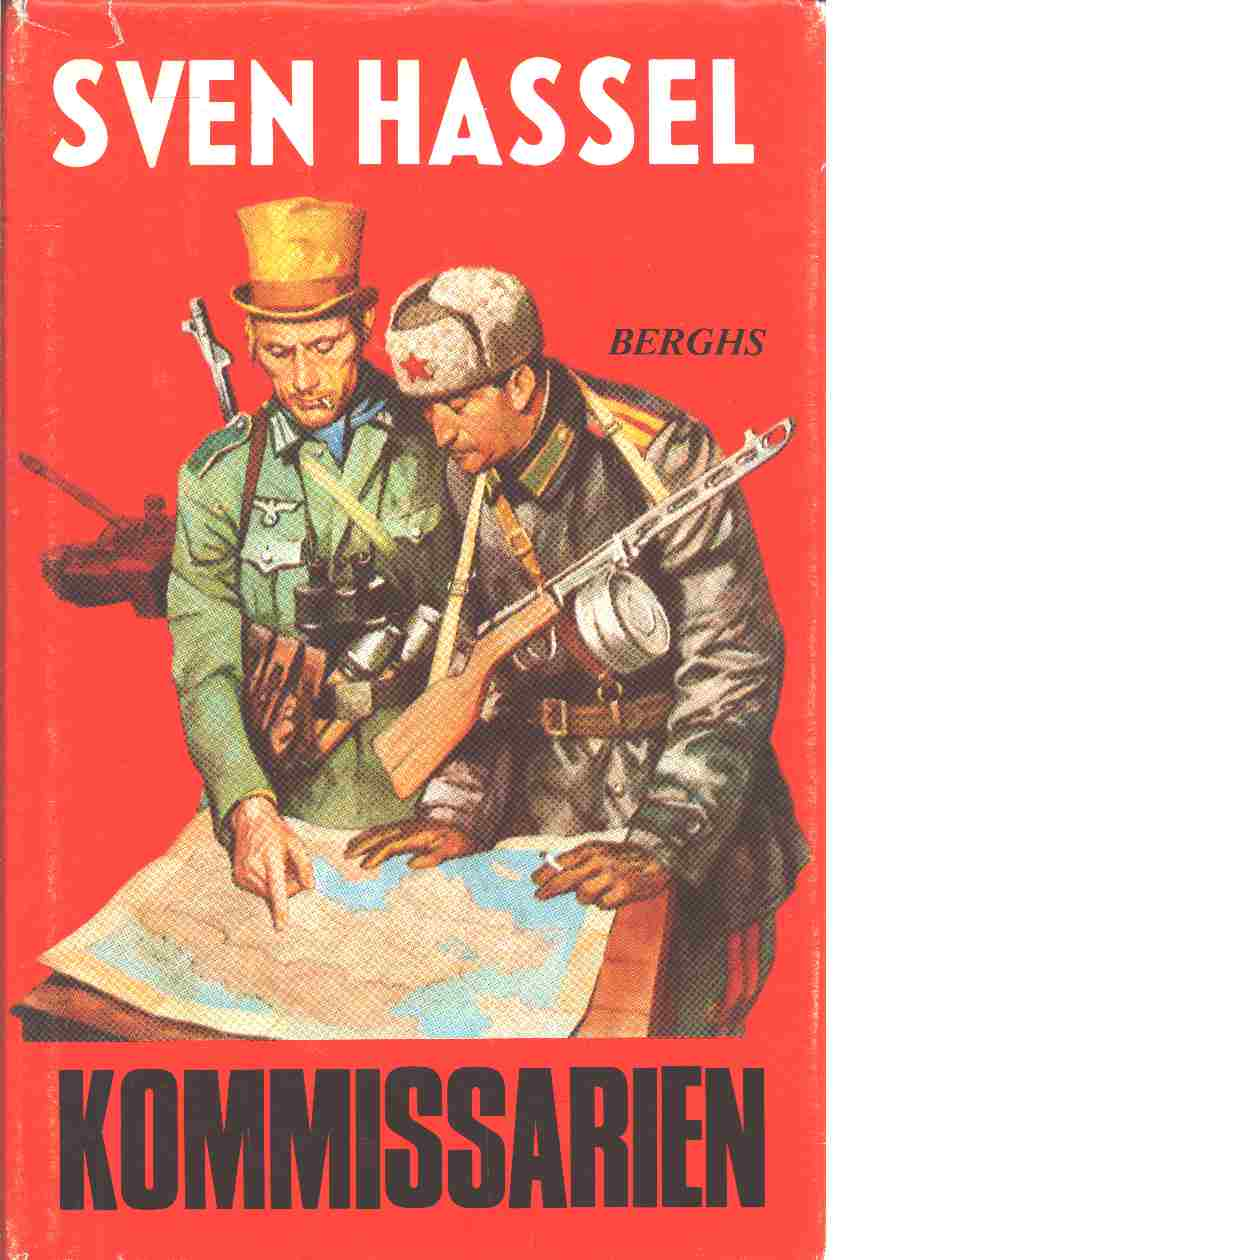 Kommissarien - Hassel, Sven